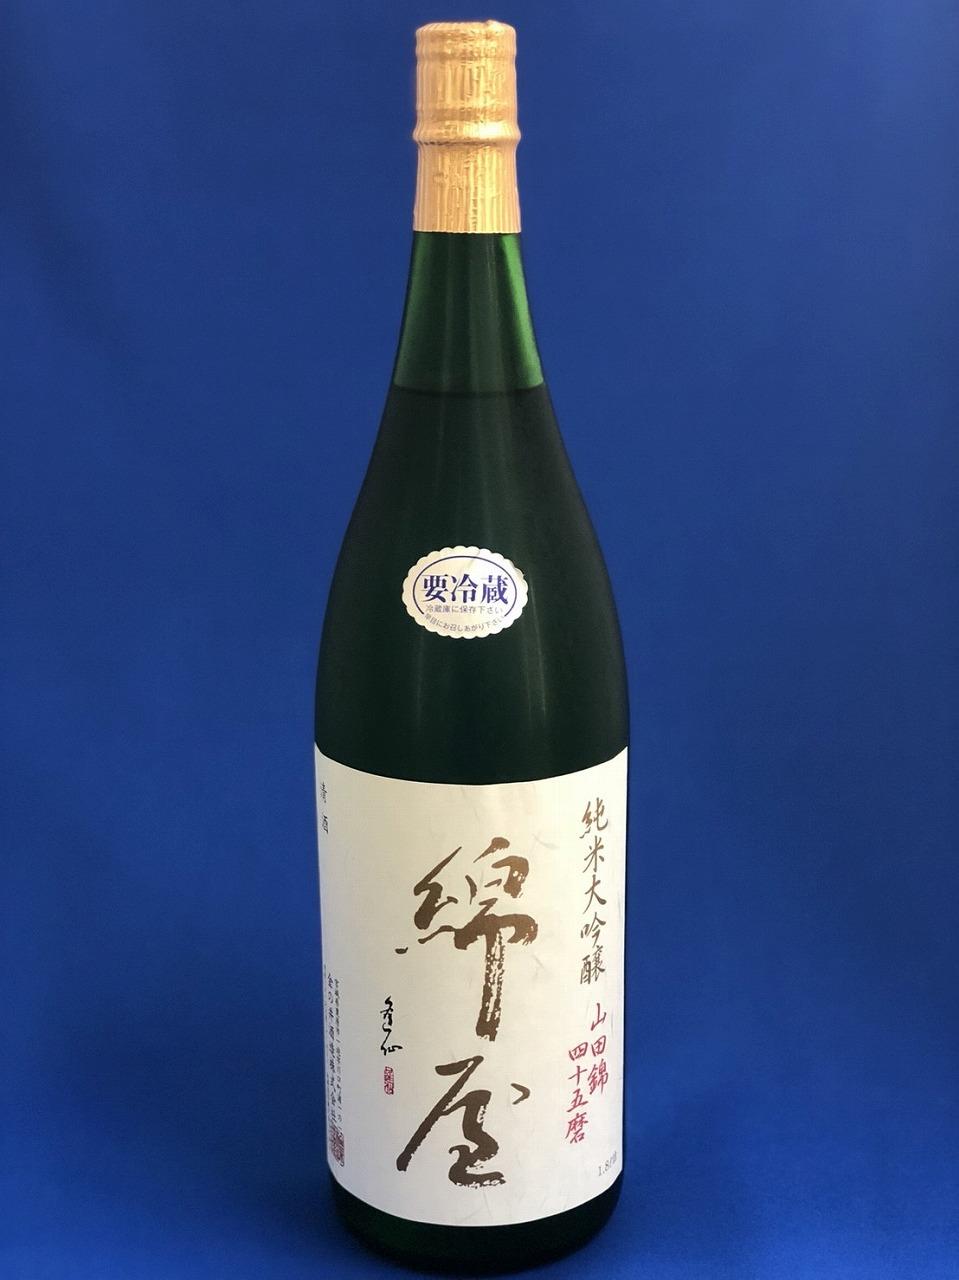 綿屋 純米大吟醸 山田錦45